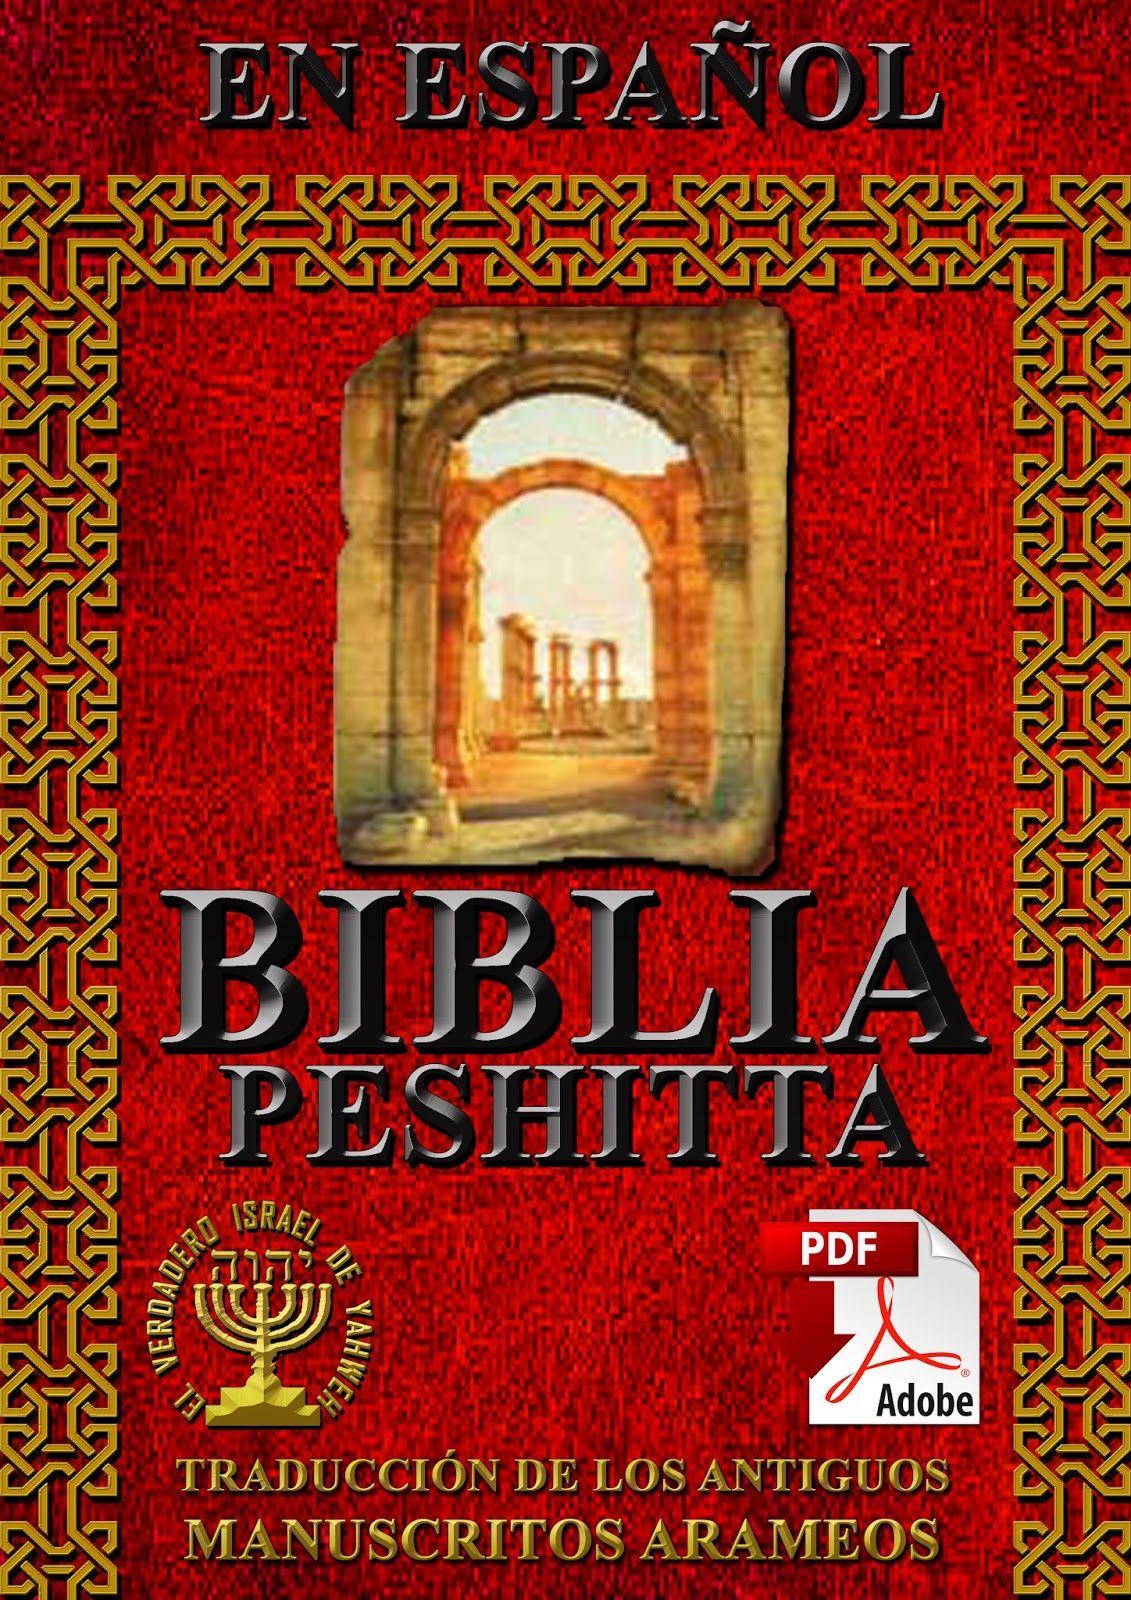 descargar biblia hebrea peshitta en pdf español gratis